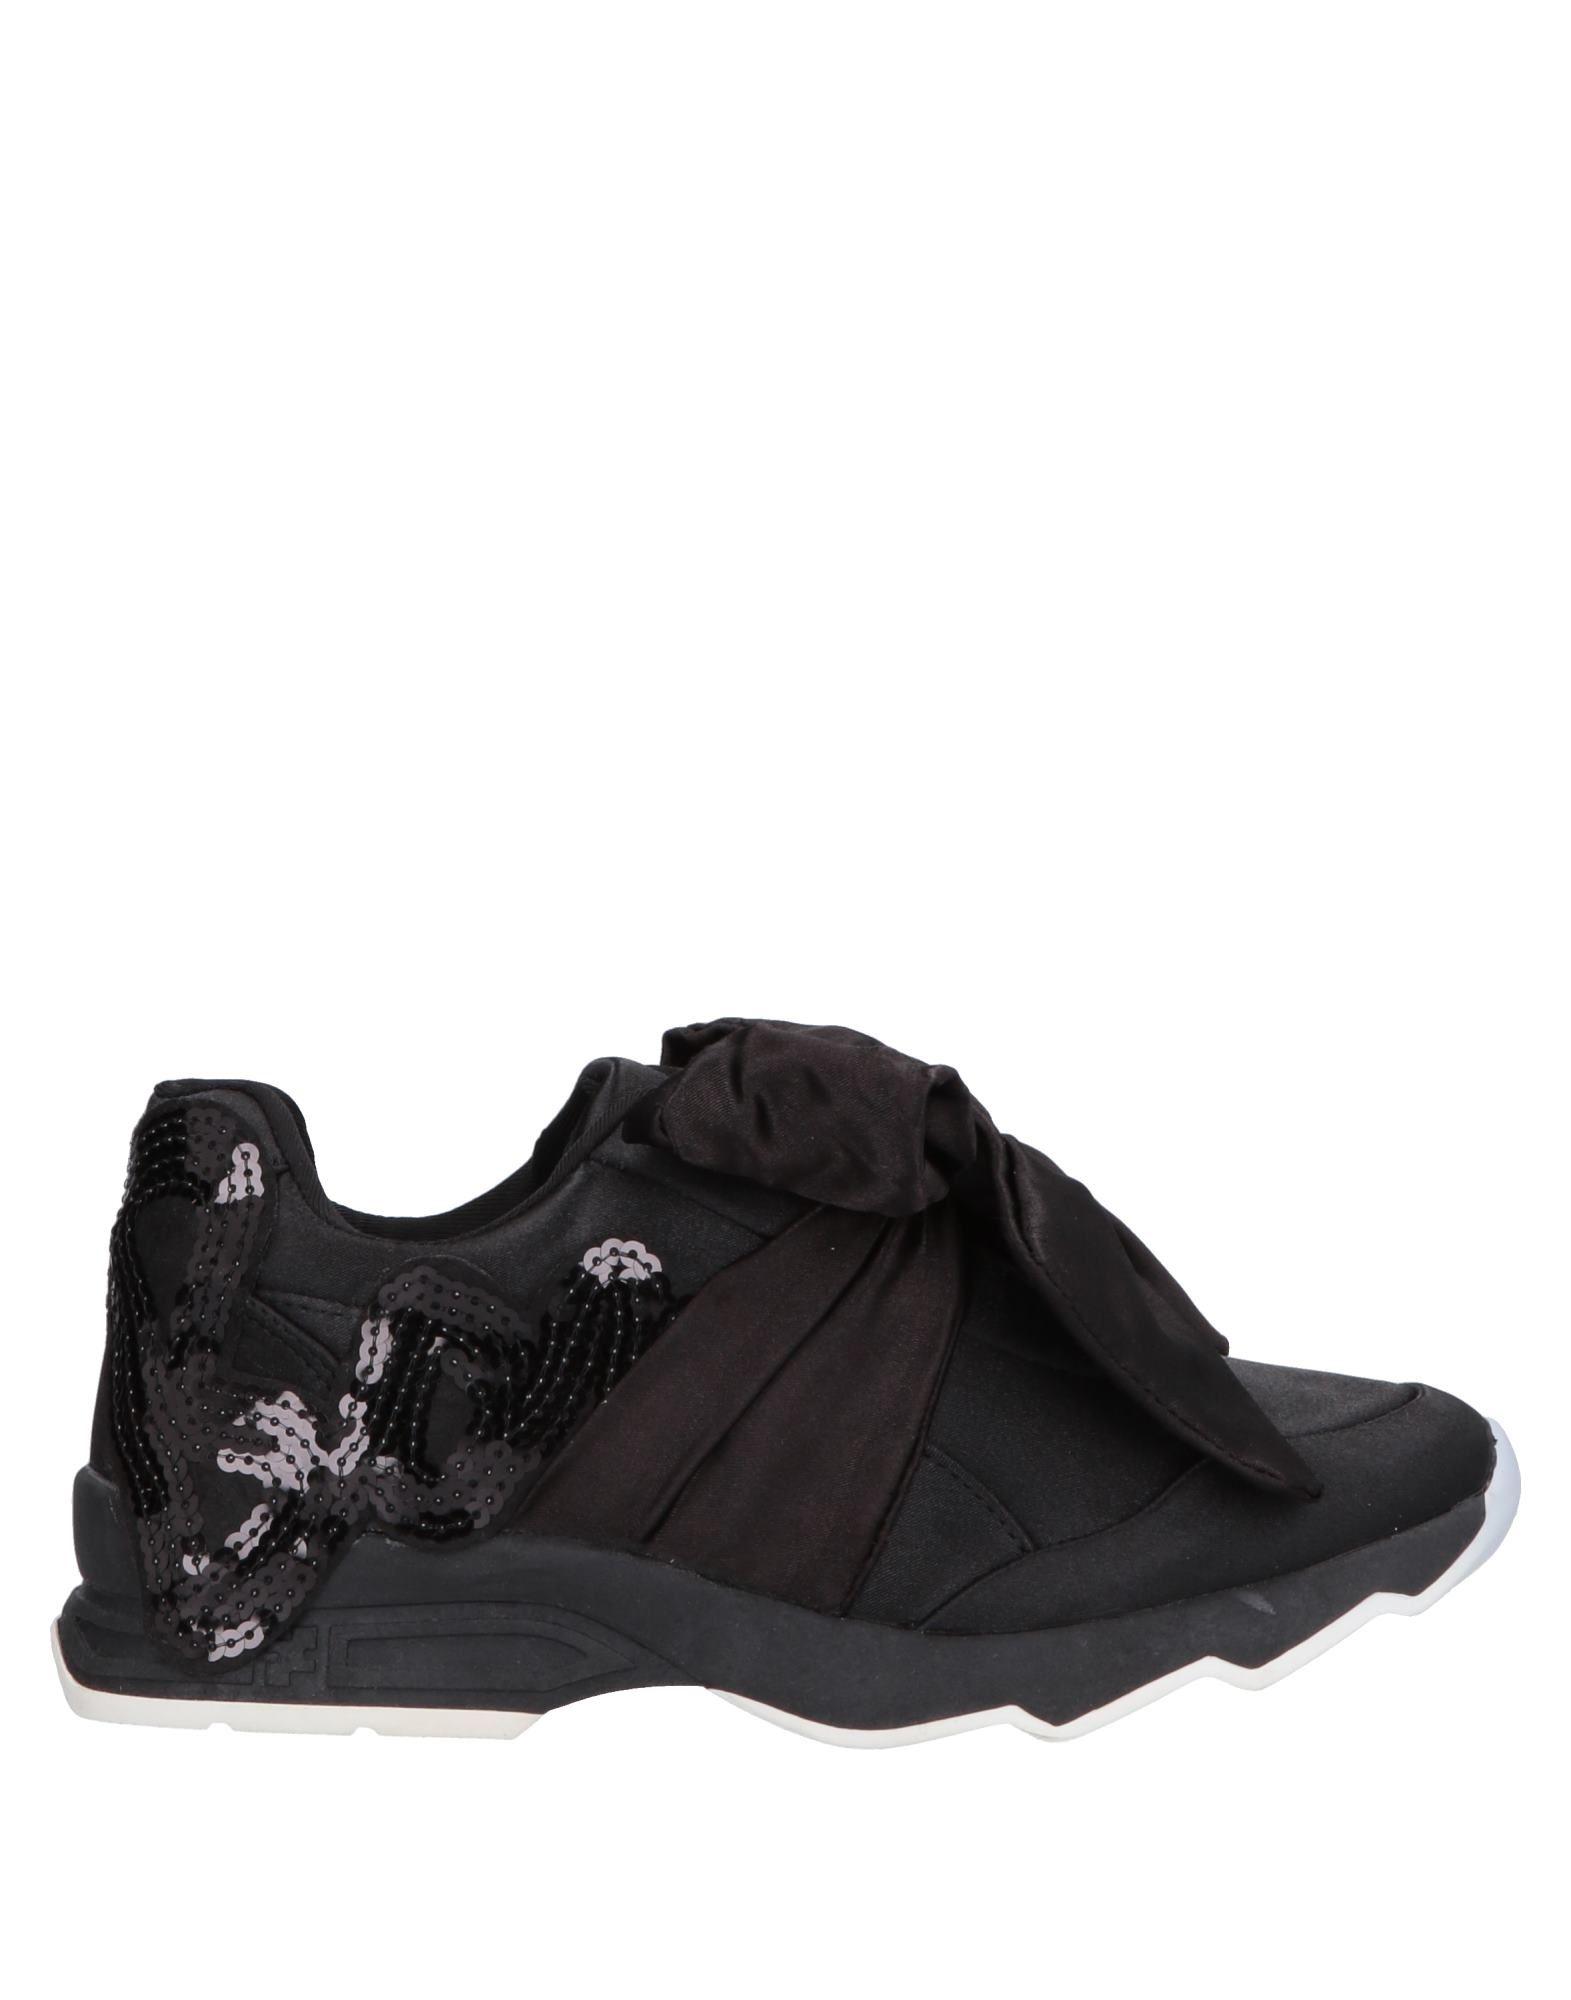 《送料無料》DORIAMARIA レディース スニーカー&テニスシューズ(ローカット) ブラック 36 紡績繊維